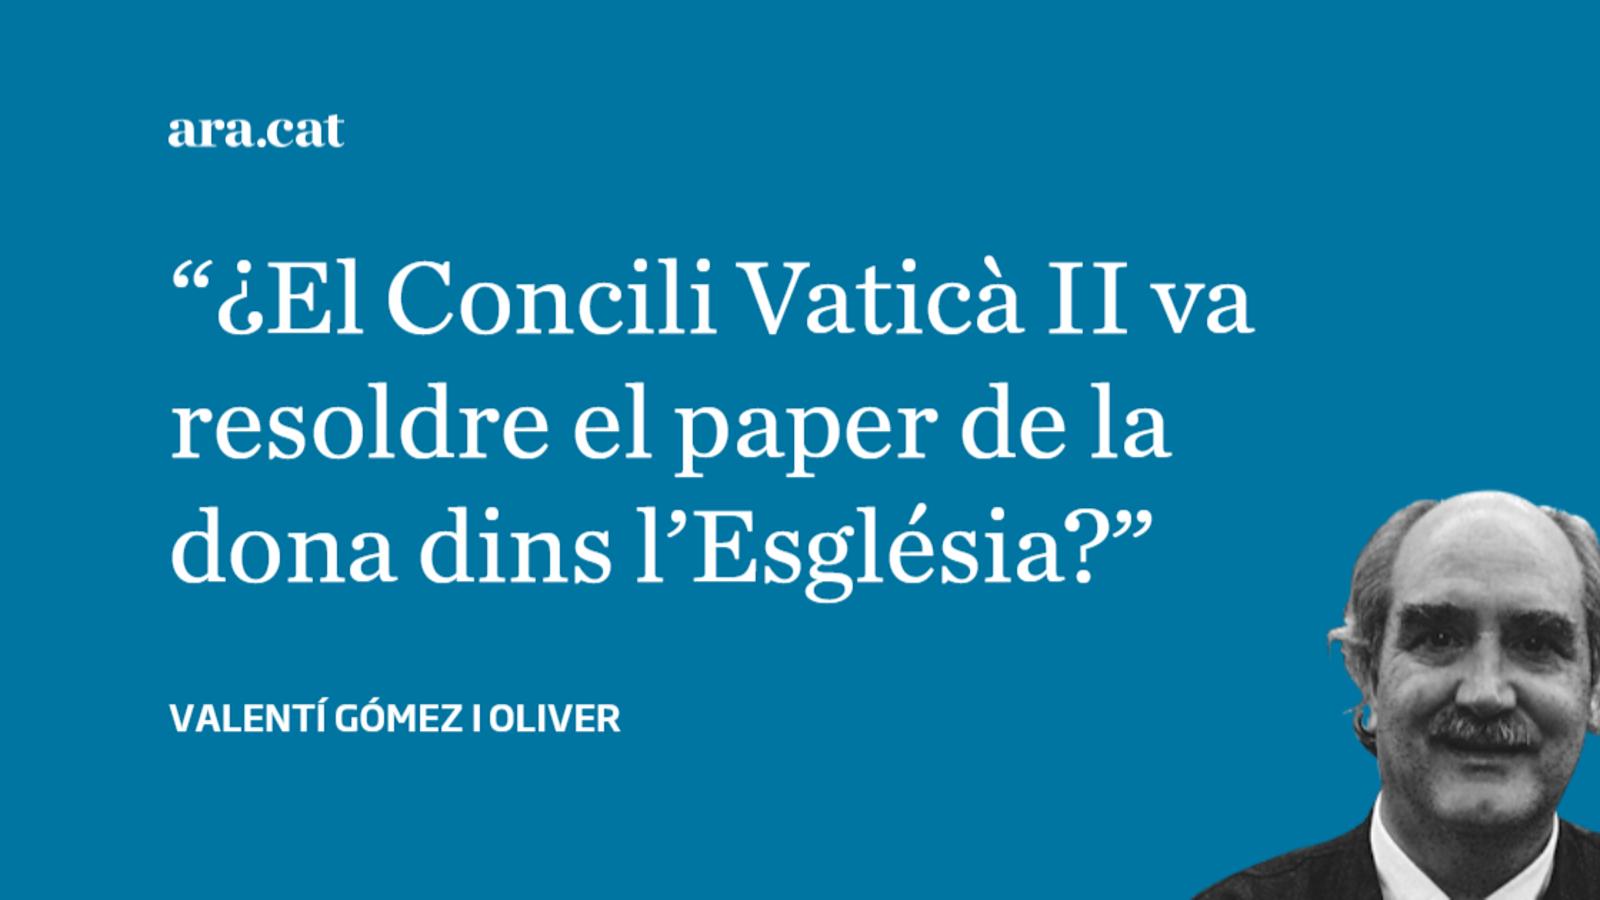 Tot passejant, ara, pel Concili Vaticà II: punt i coma final?